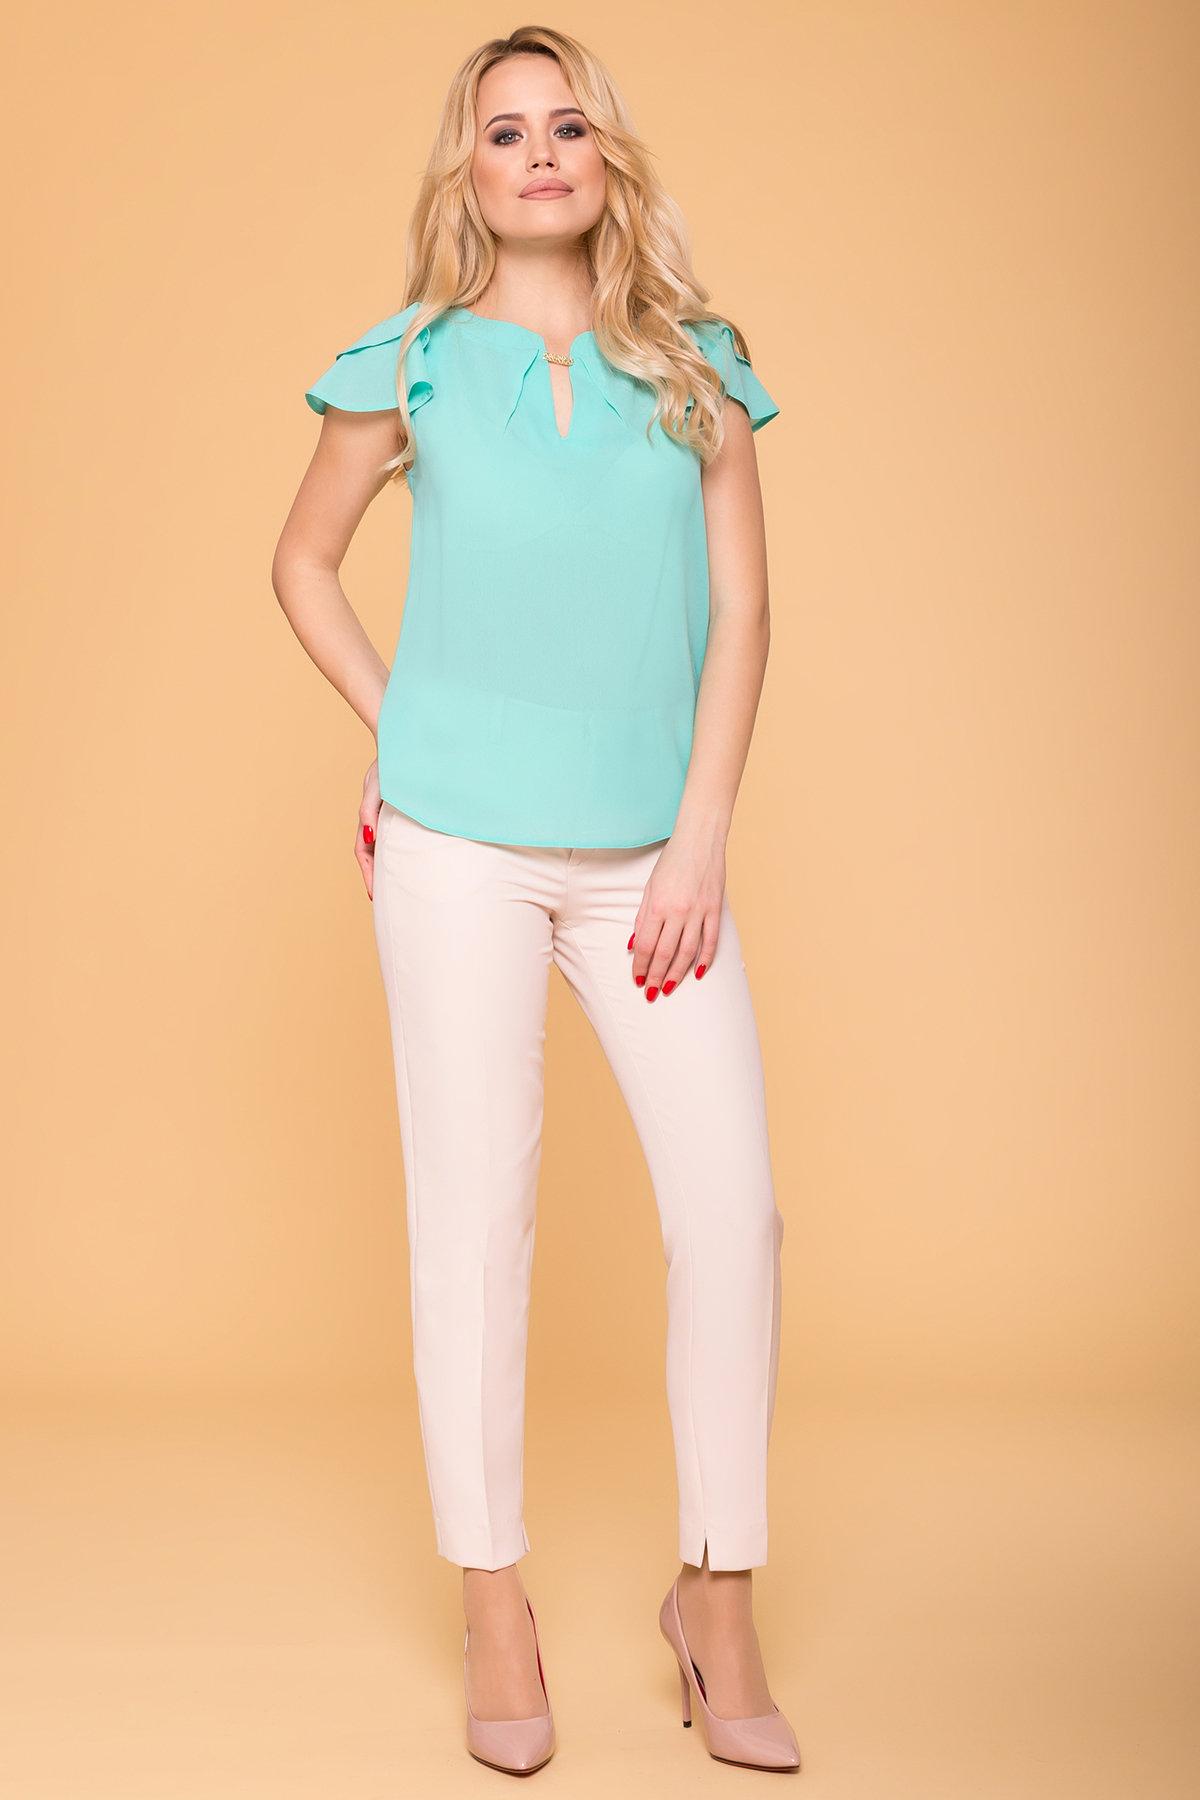 Купить блузку оптом от производителя  TW Блуза Инканто 0340